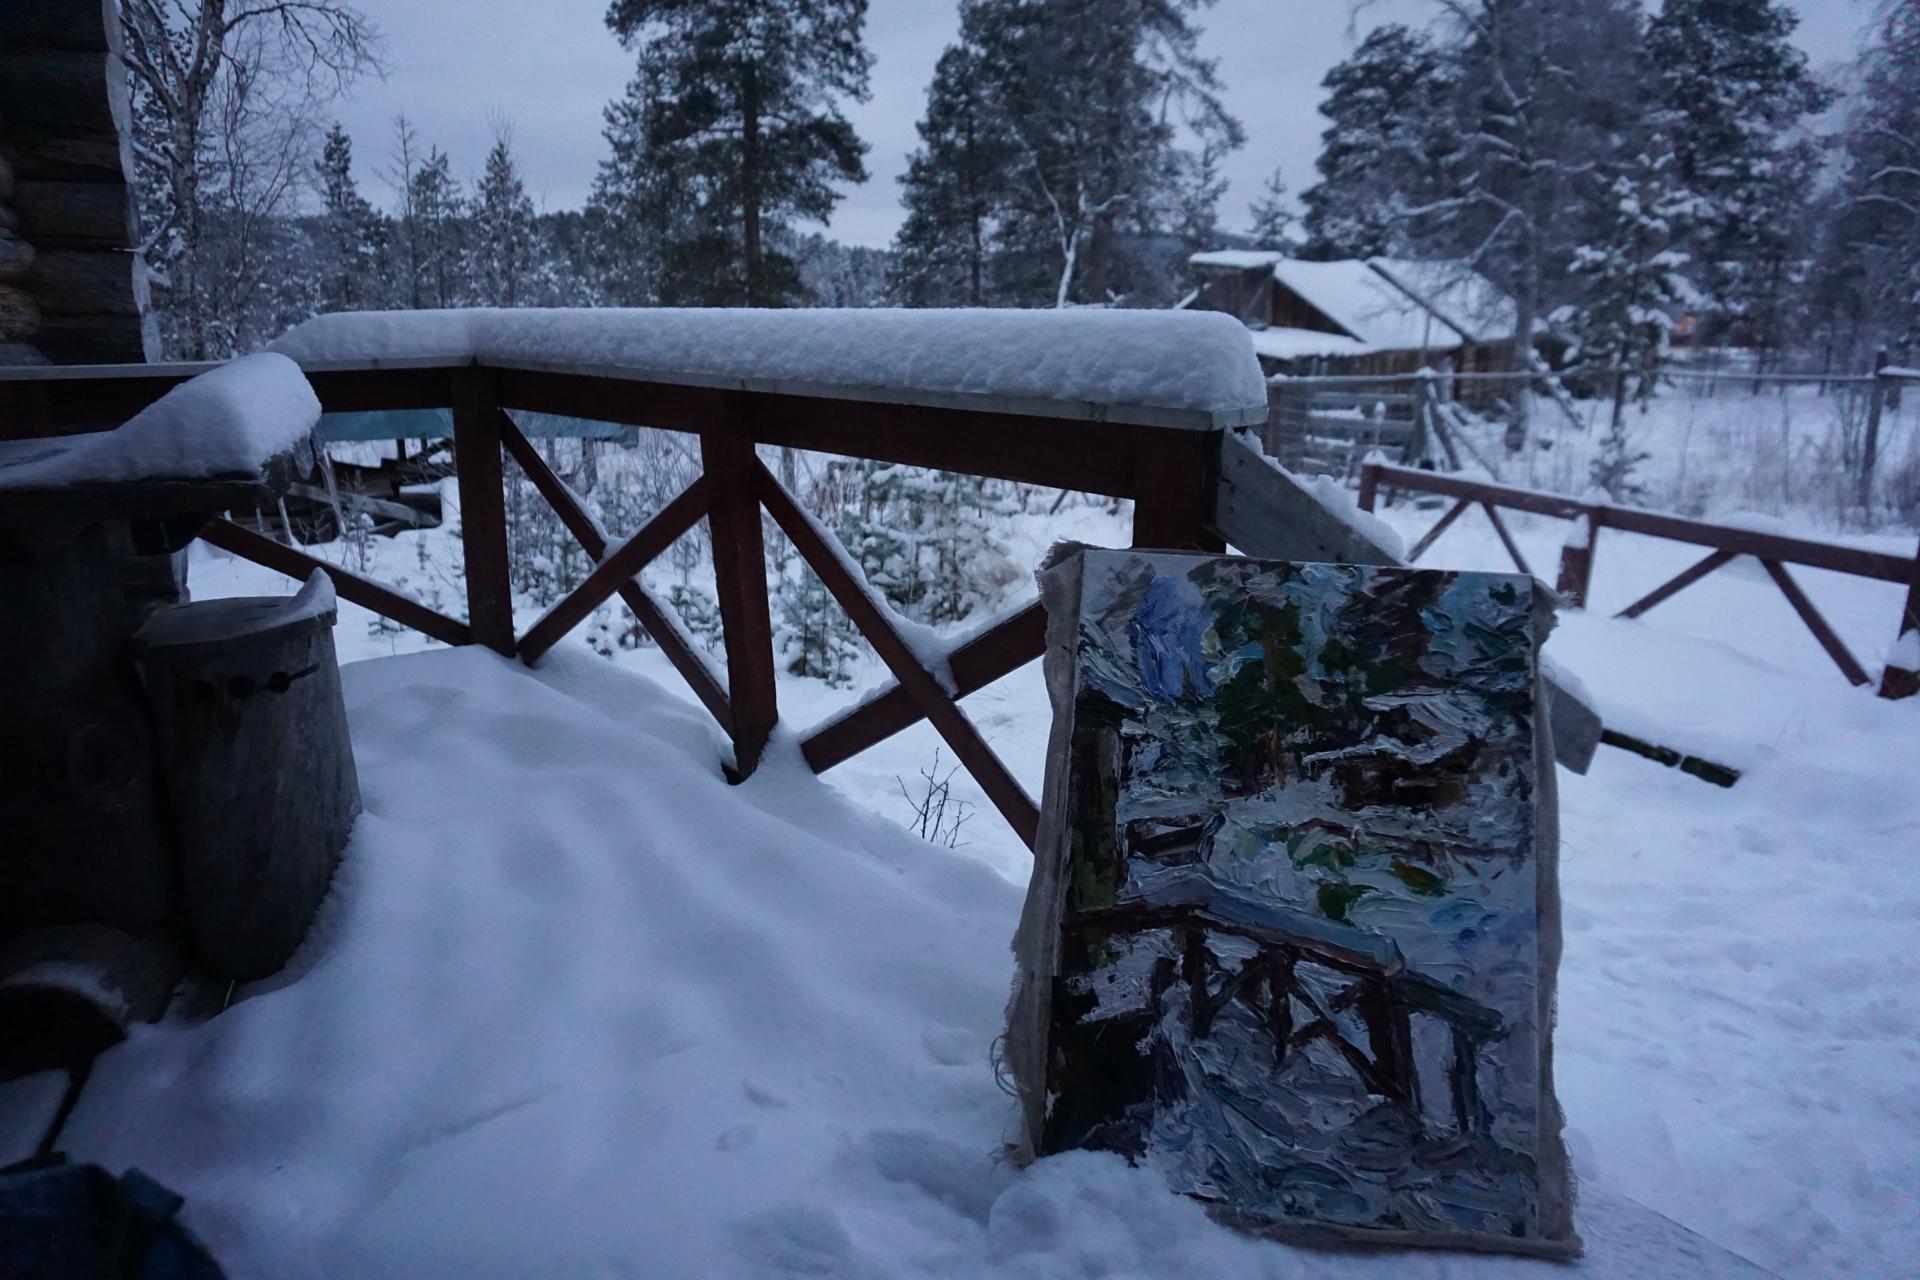 Winter in Finland by Ulrich Gleiter